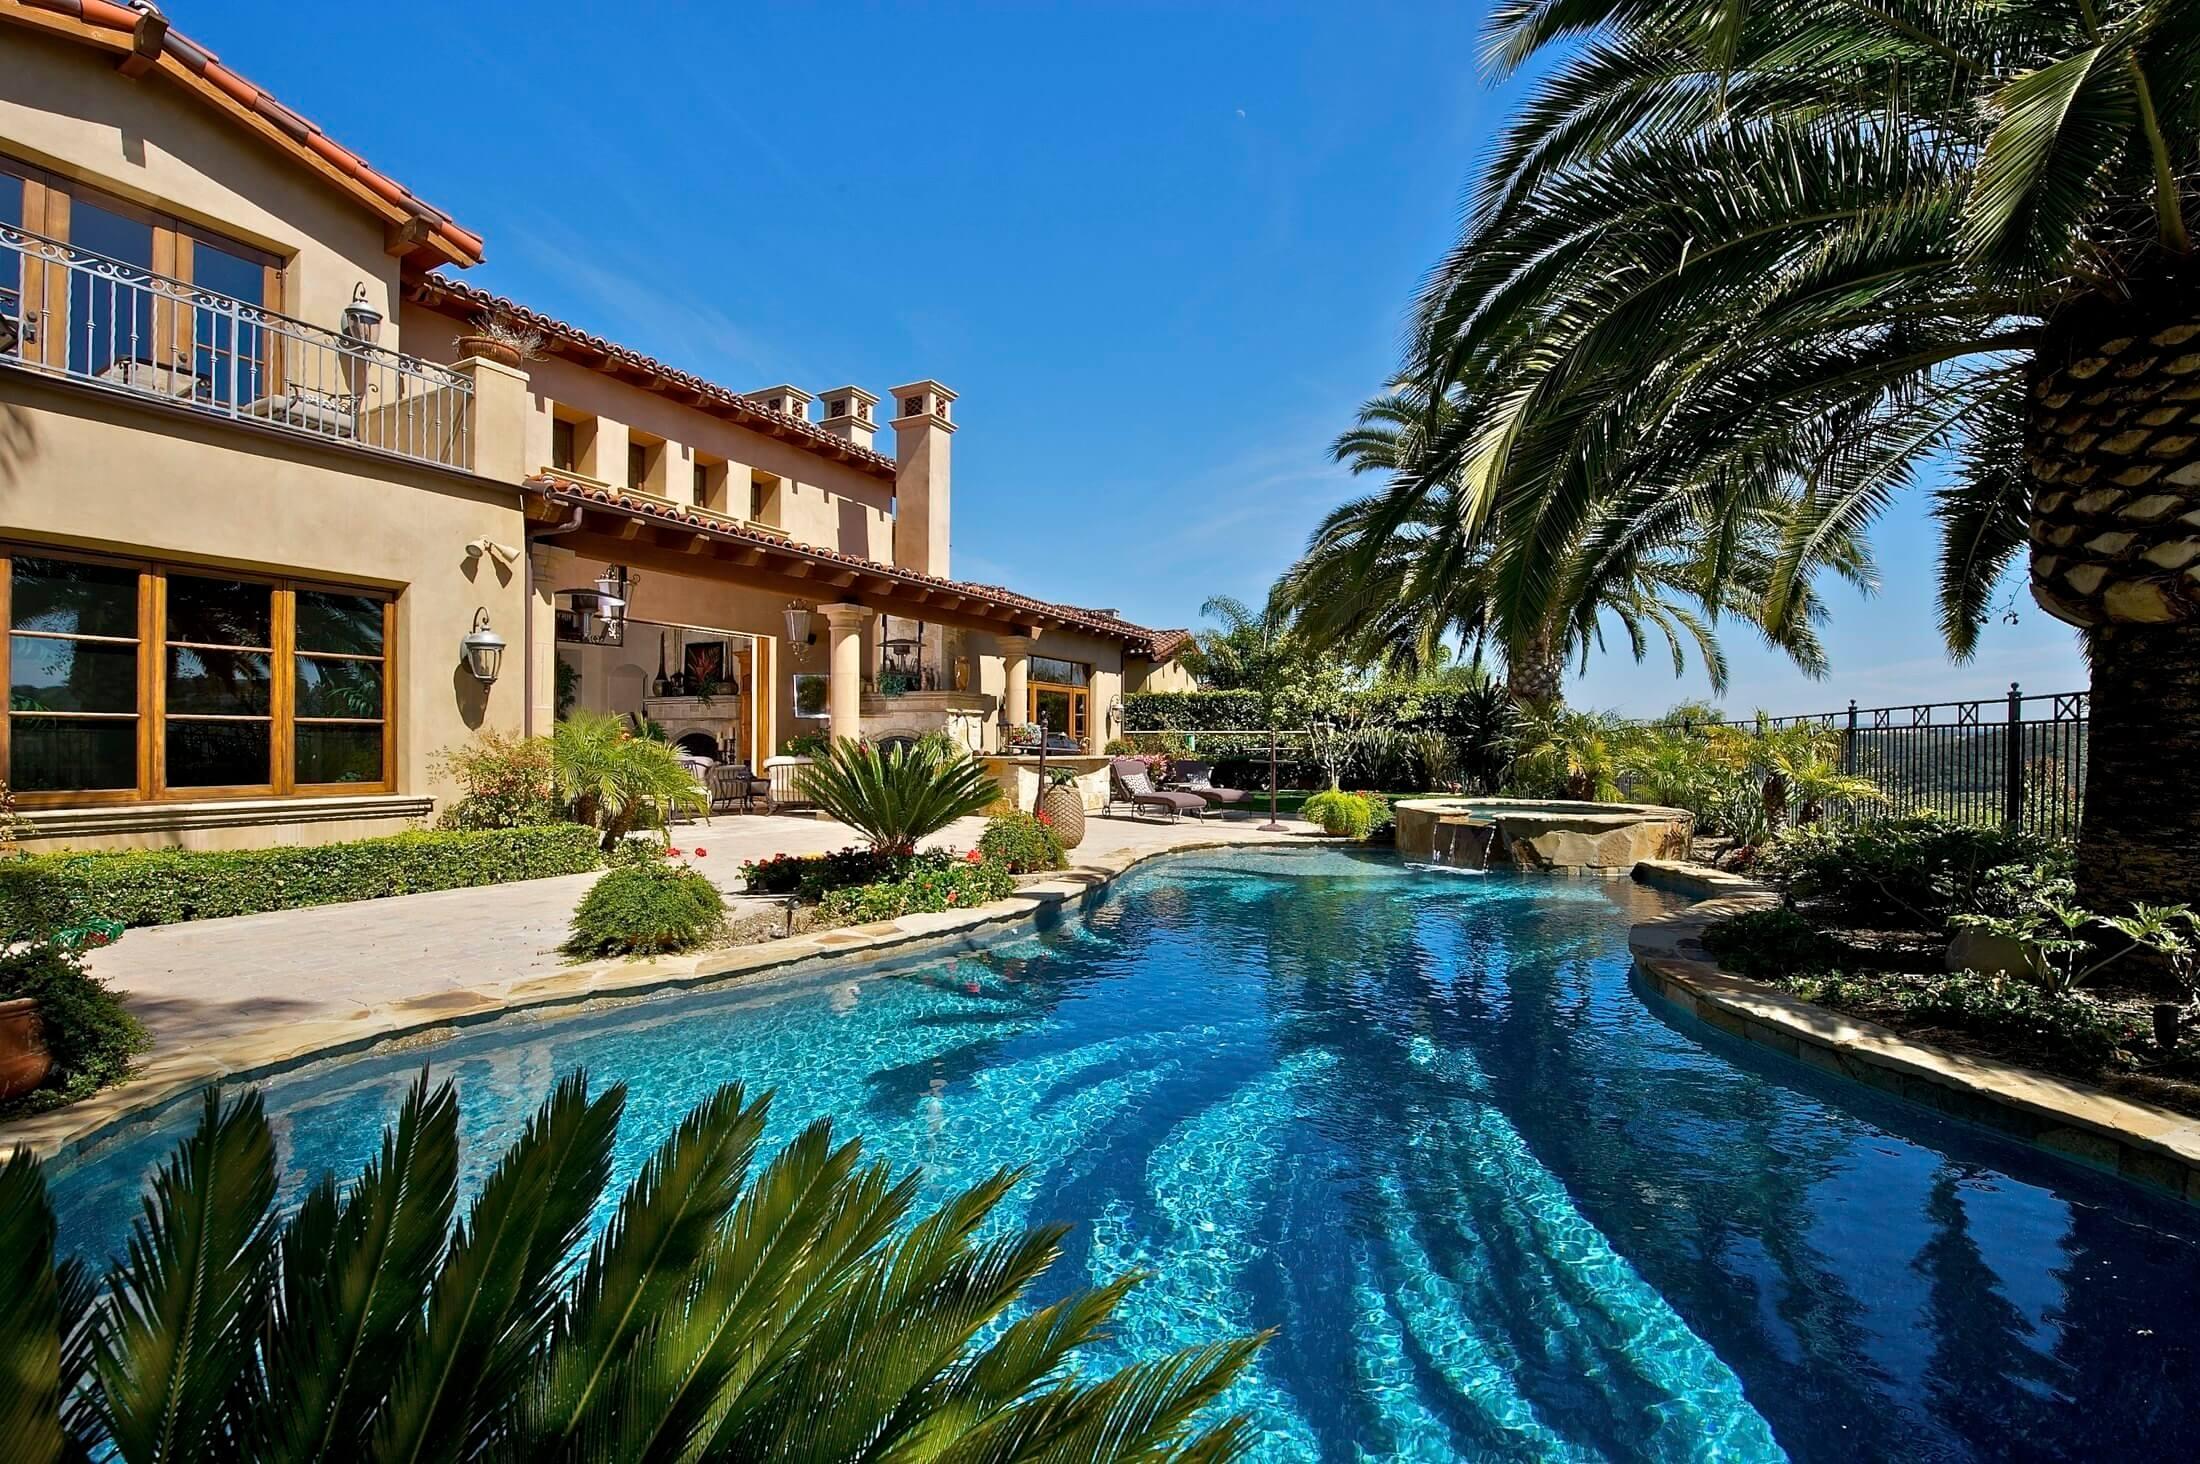 Carmel Valley San Diego Ca Real Estate Mls Homes Condos